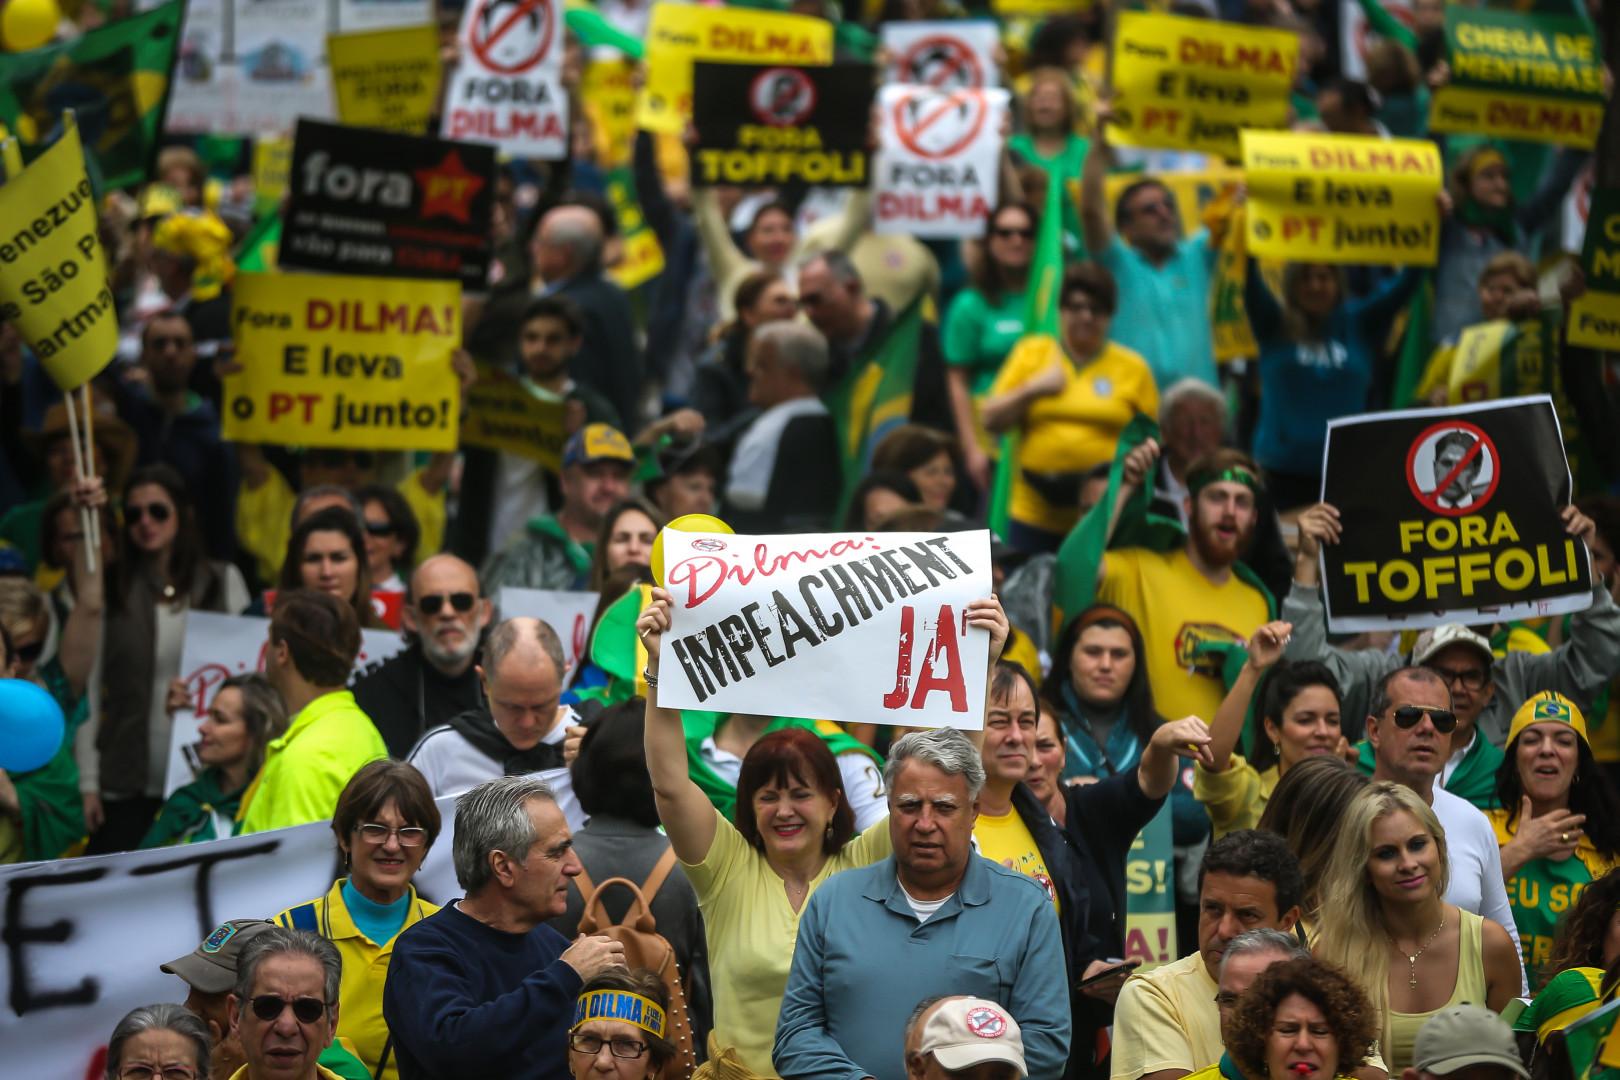 Près de 900.000 Brésiliens ont manifesté dans les villes brésiliennes, selon les estimations de la police